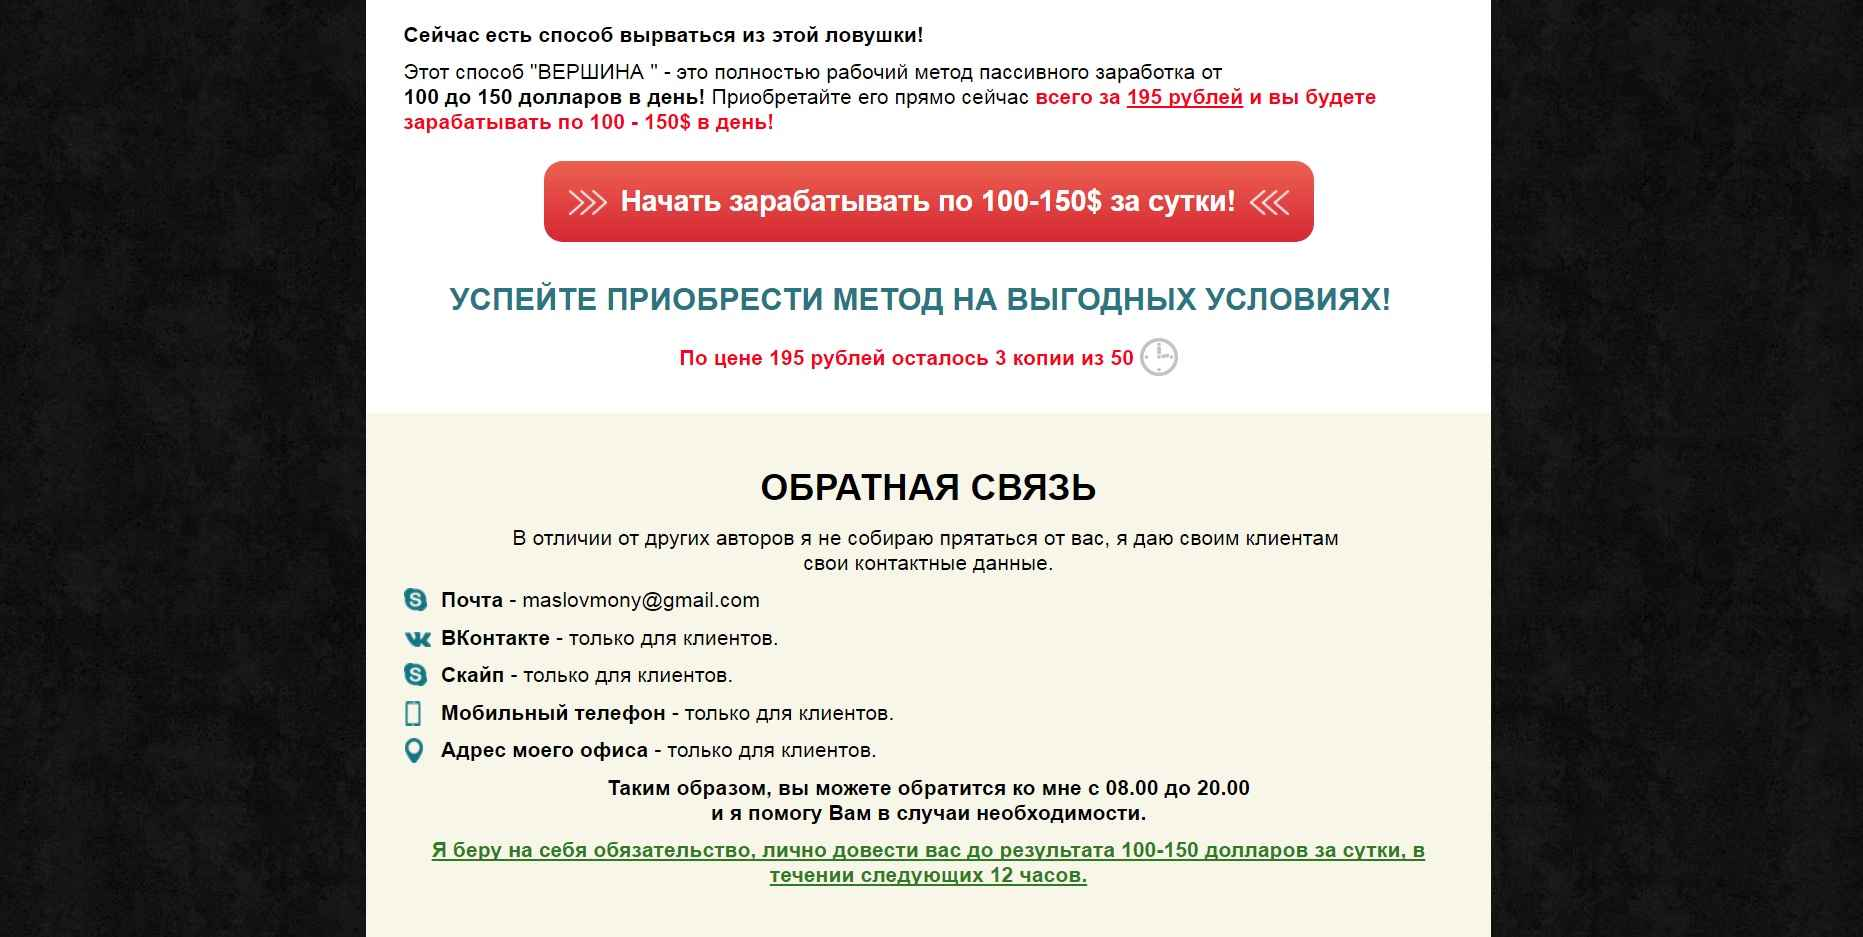 Метод Вершина от Евгения Маслова – отзывы о курсе